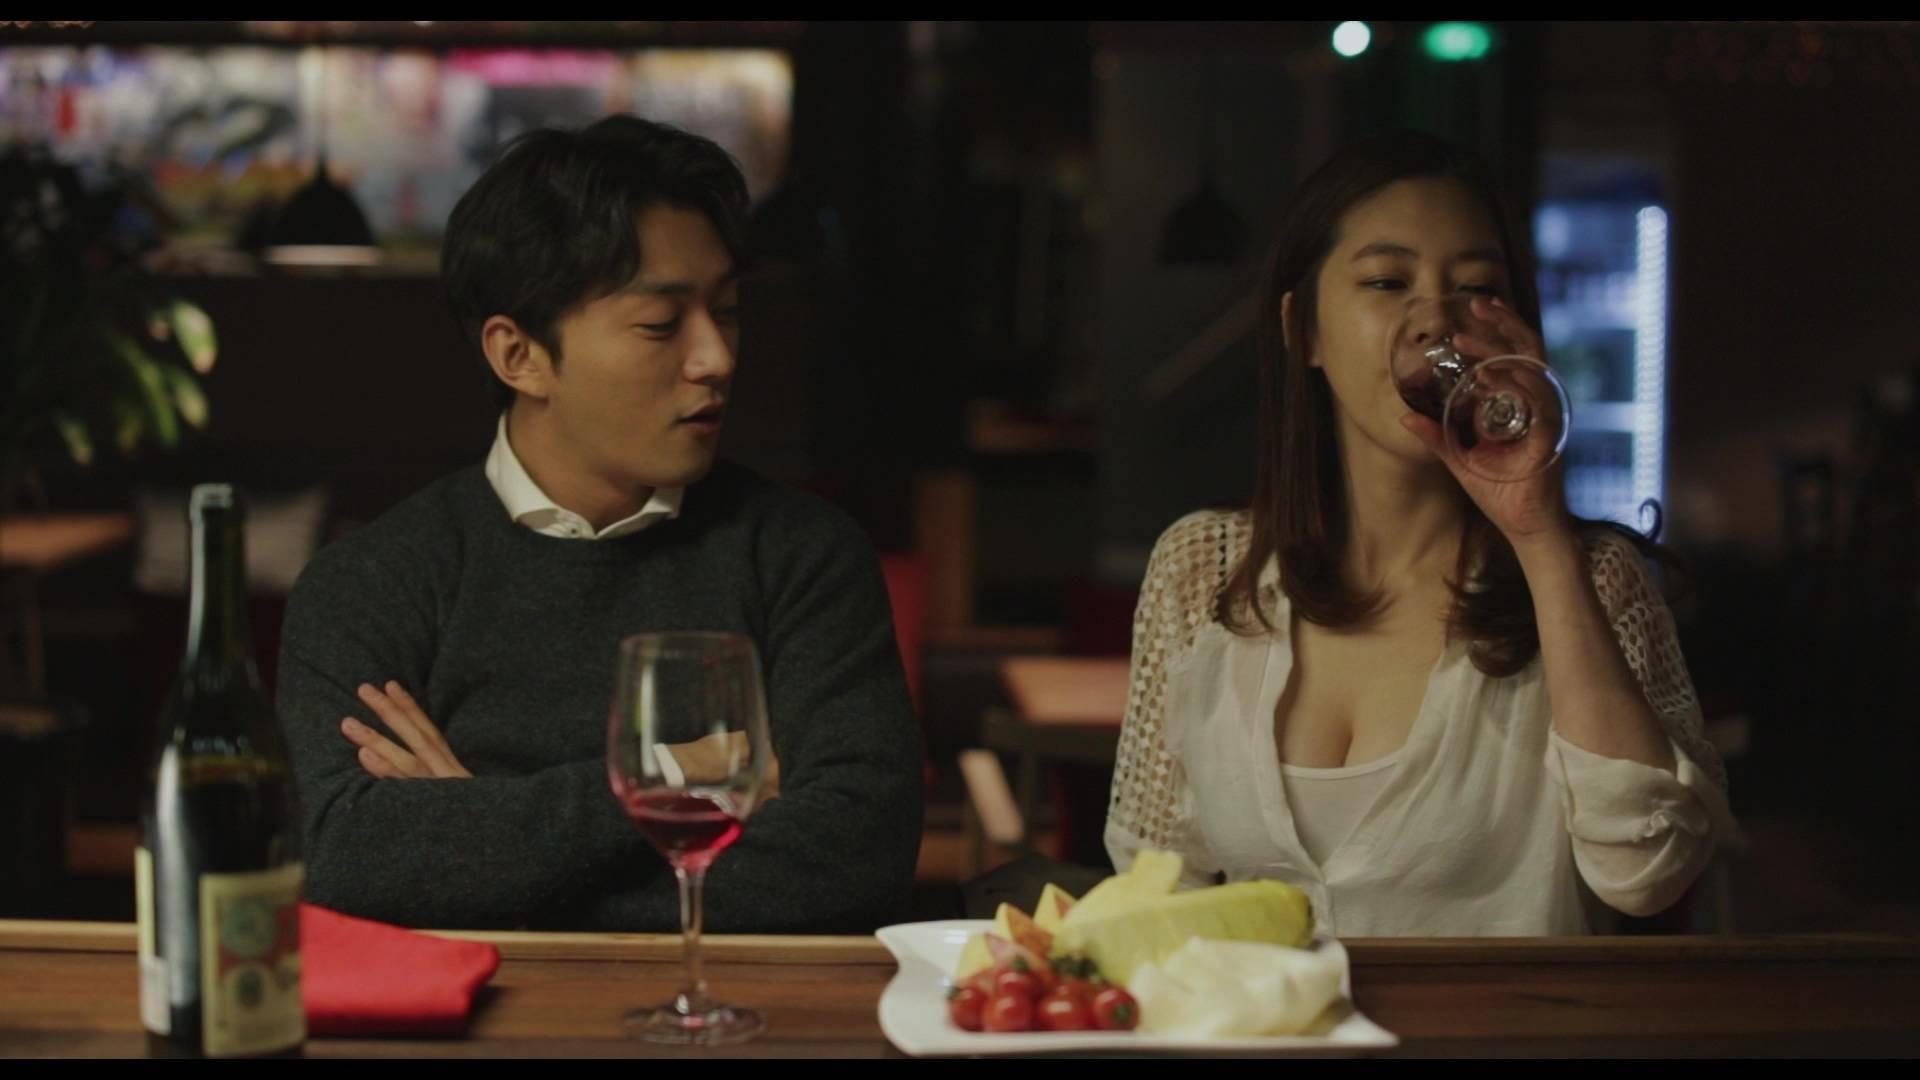 Download Film Semi Asia Full Videos 3gp, mp4, mp3 ...